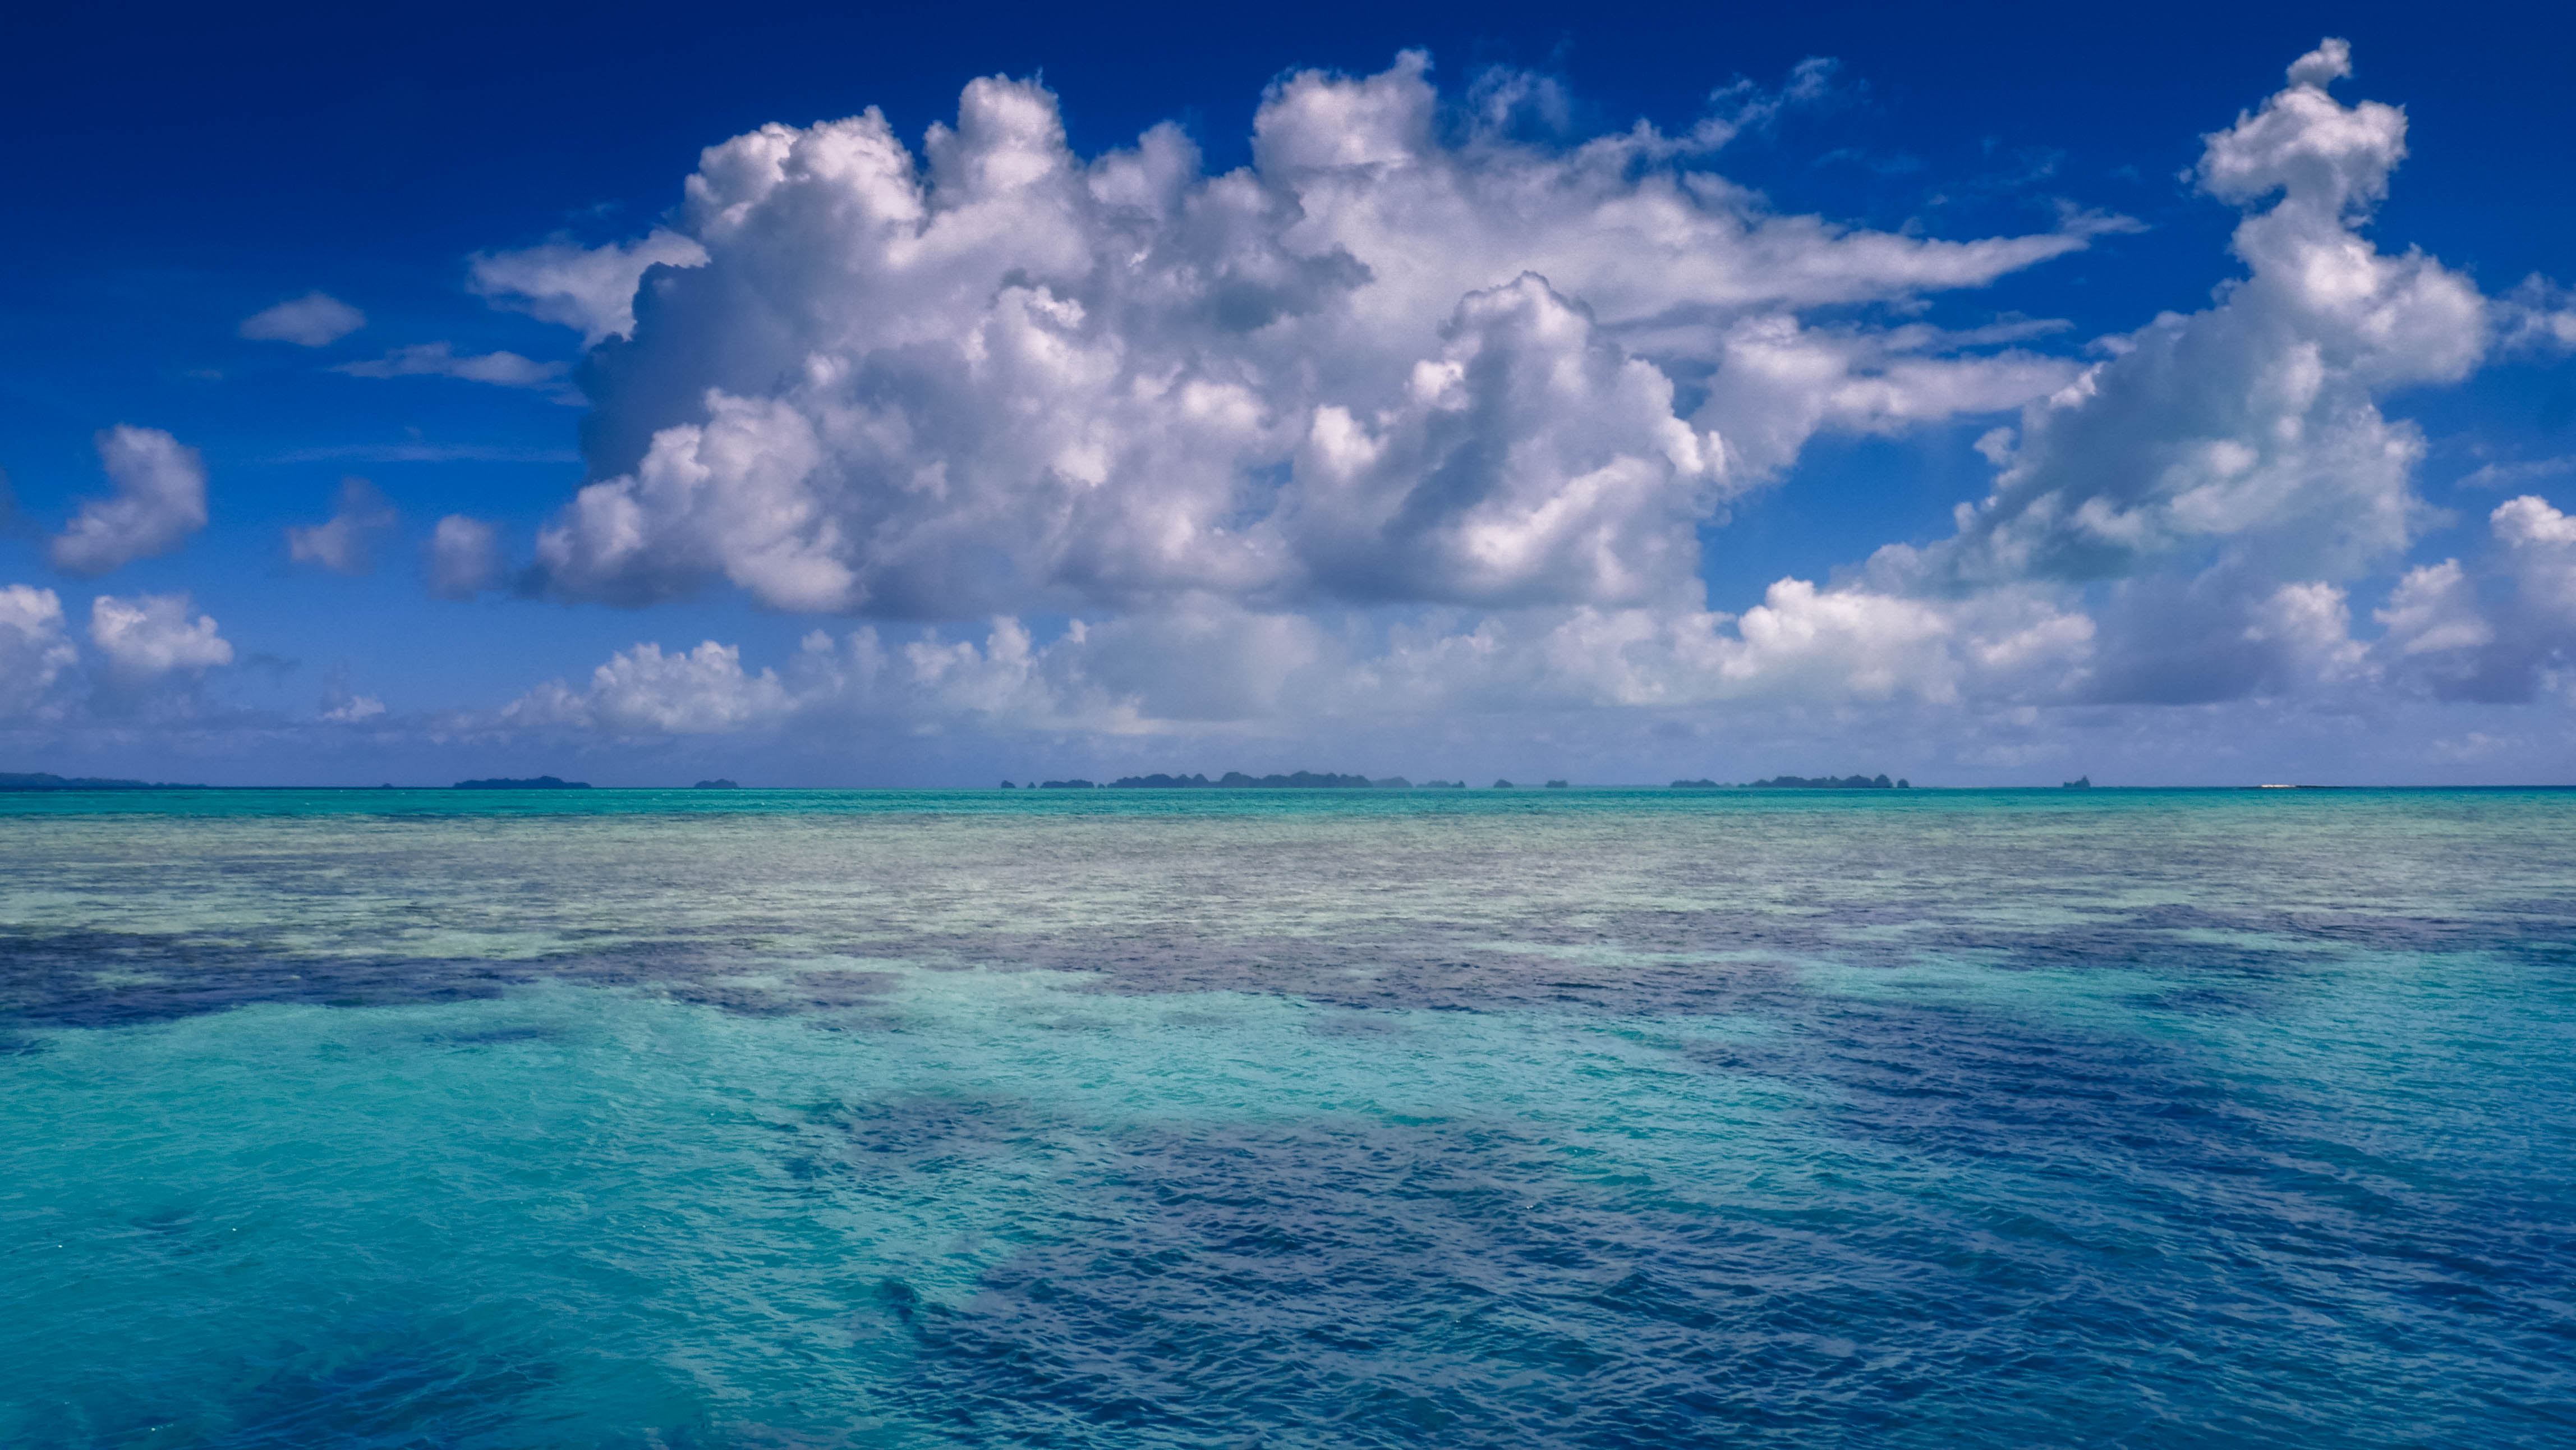 Palau, Micronesia